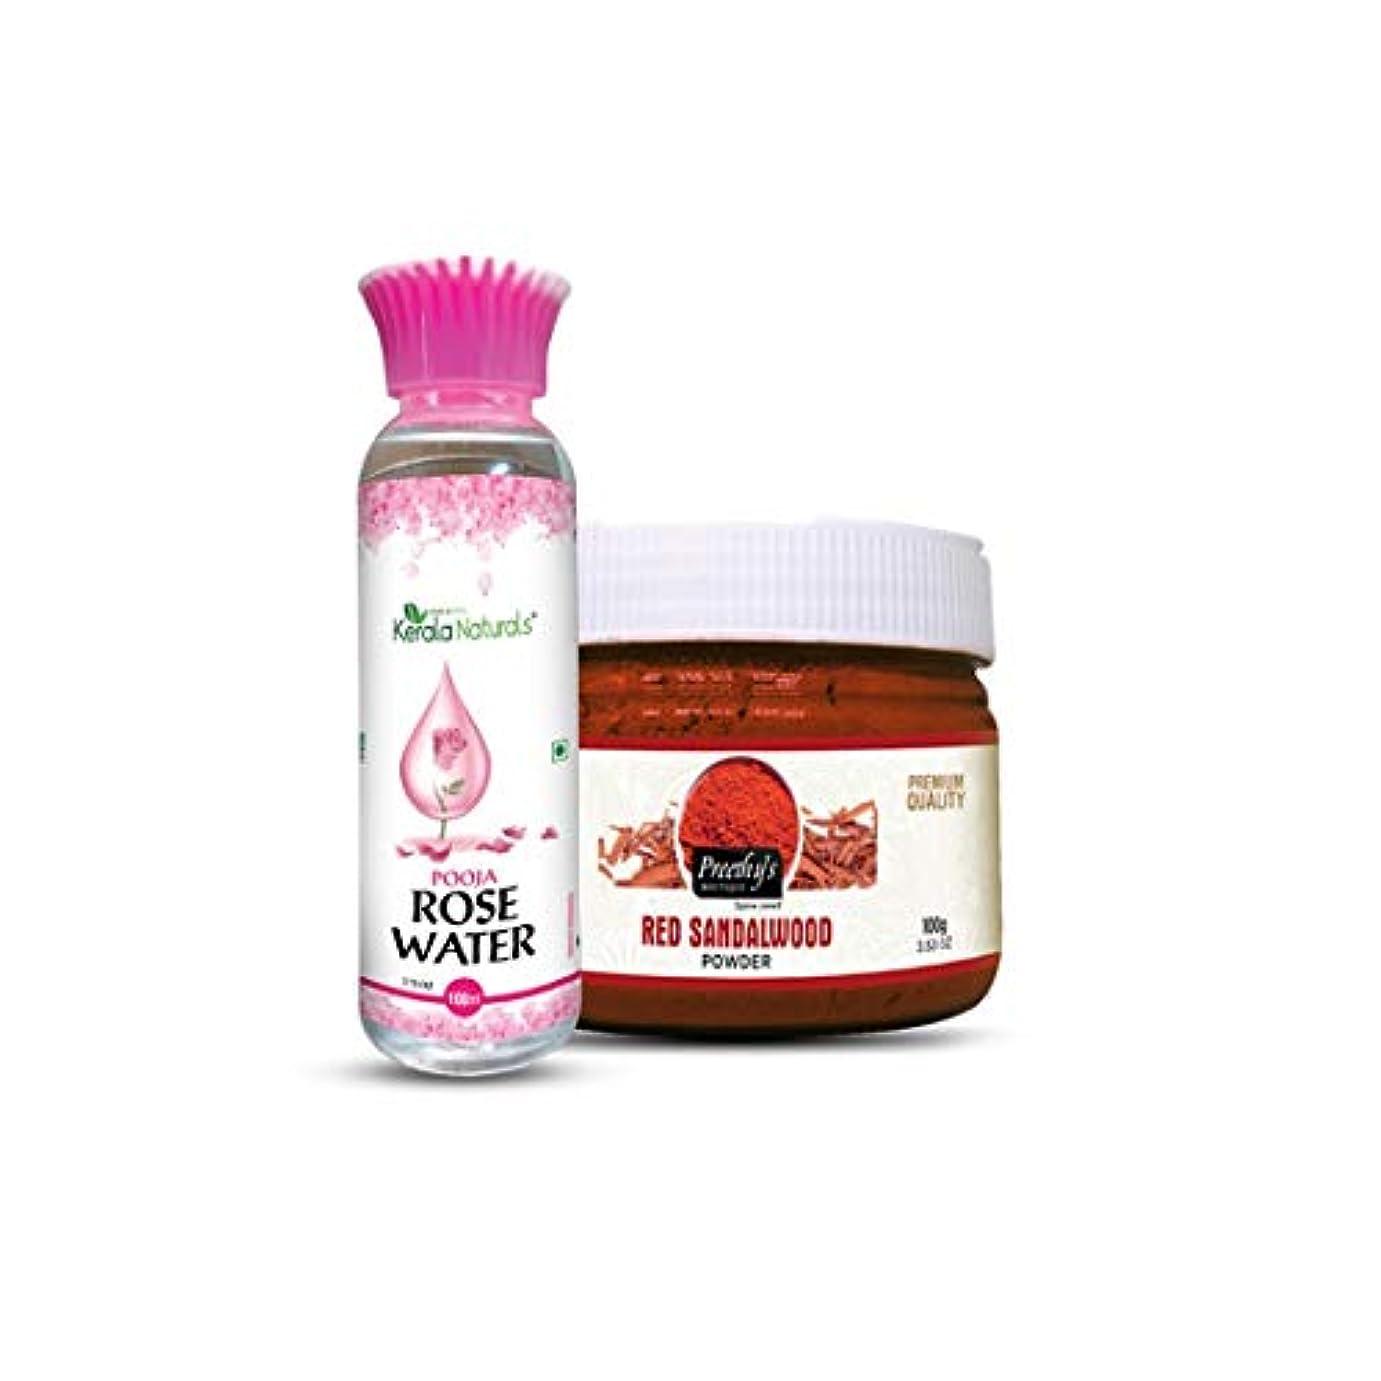 意識減る発症Combo of Red sandalwood powder 100gm+ Rose water 100ml - Enhancing the beauty of the Skin - 赤白檀パウダー100gm +ローズウォーター...